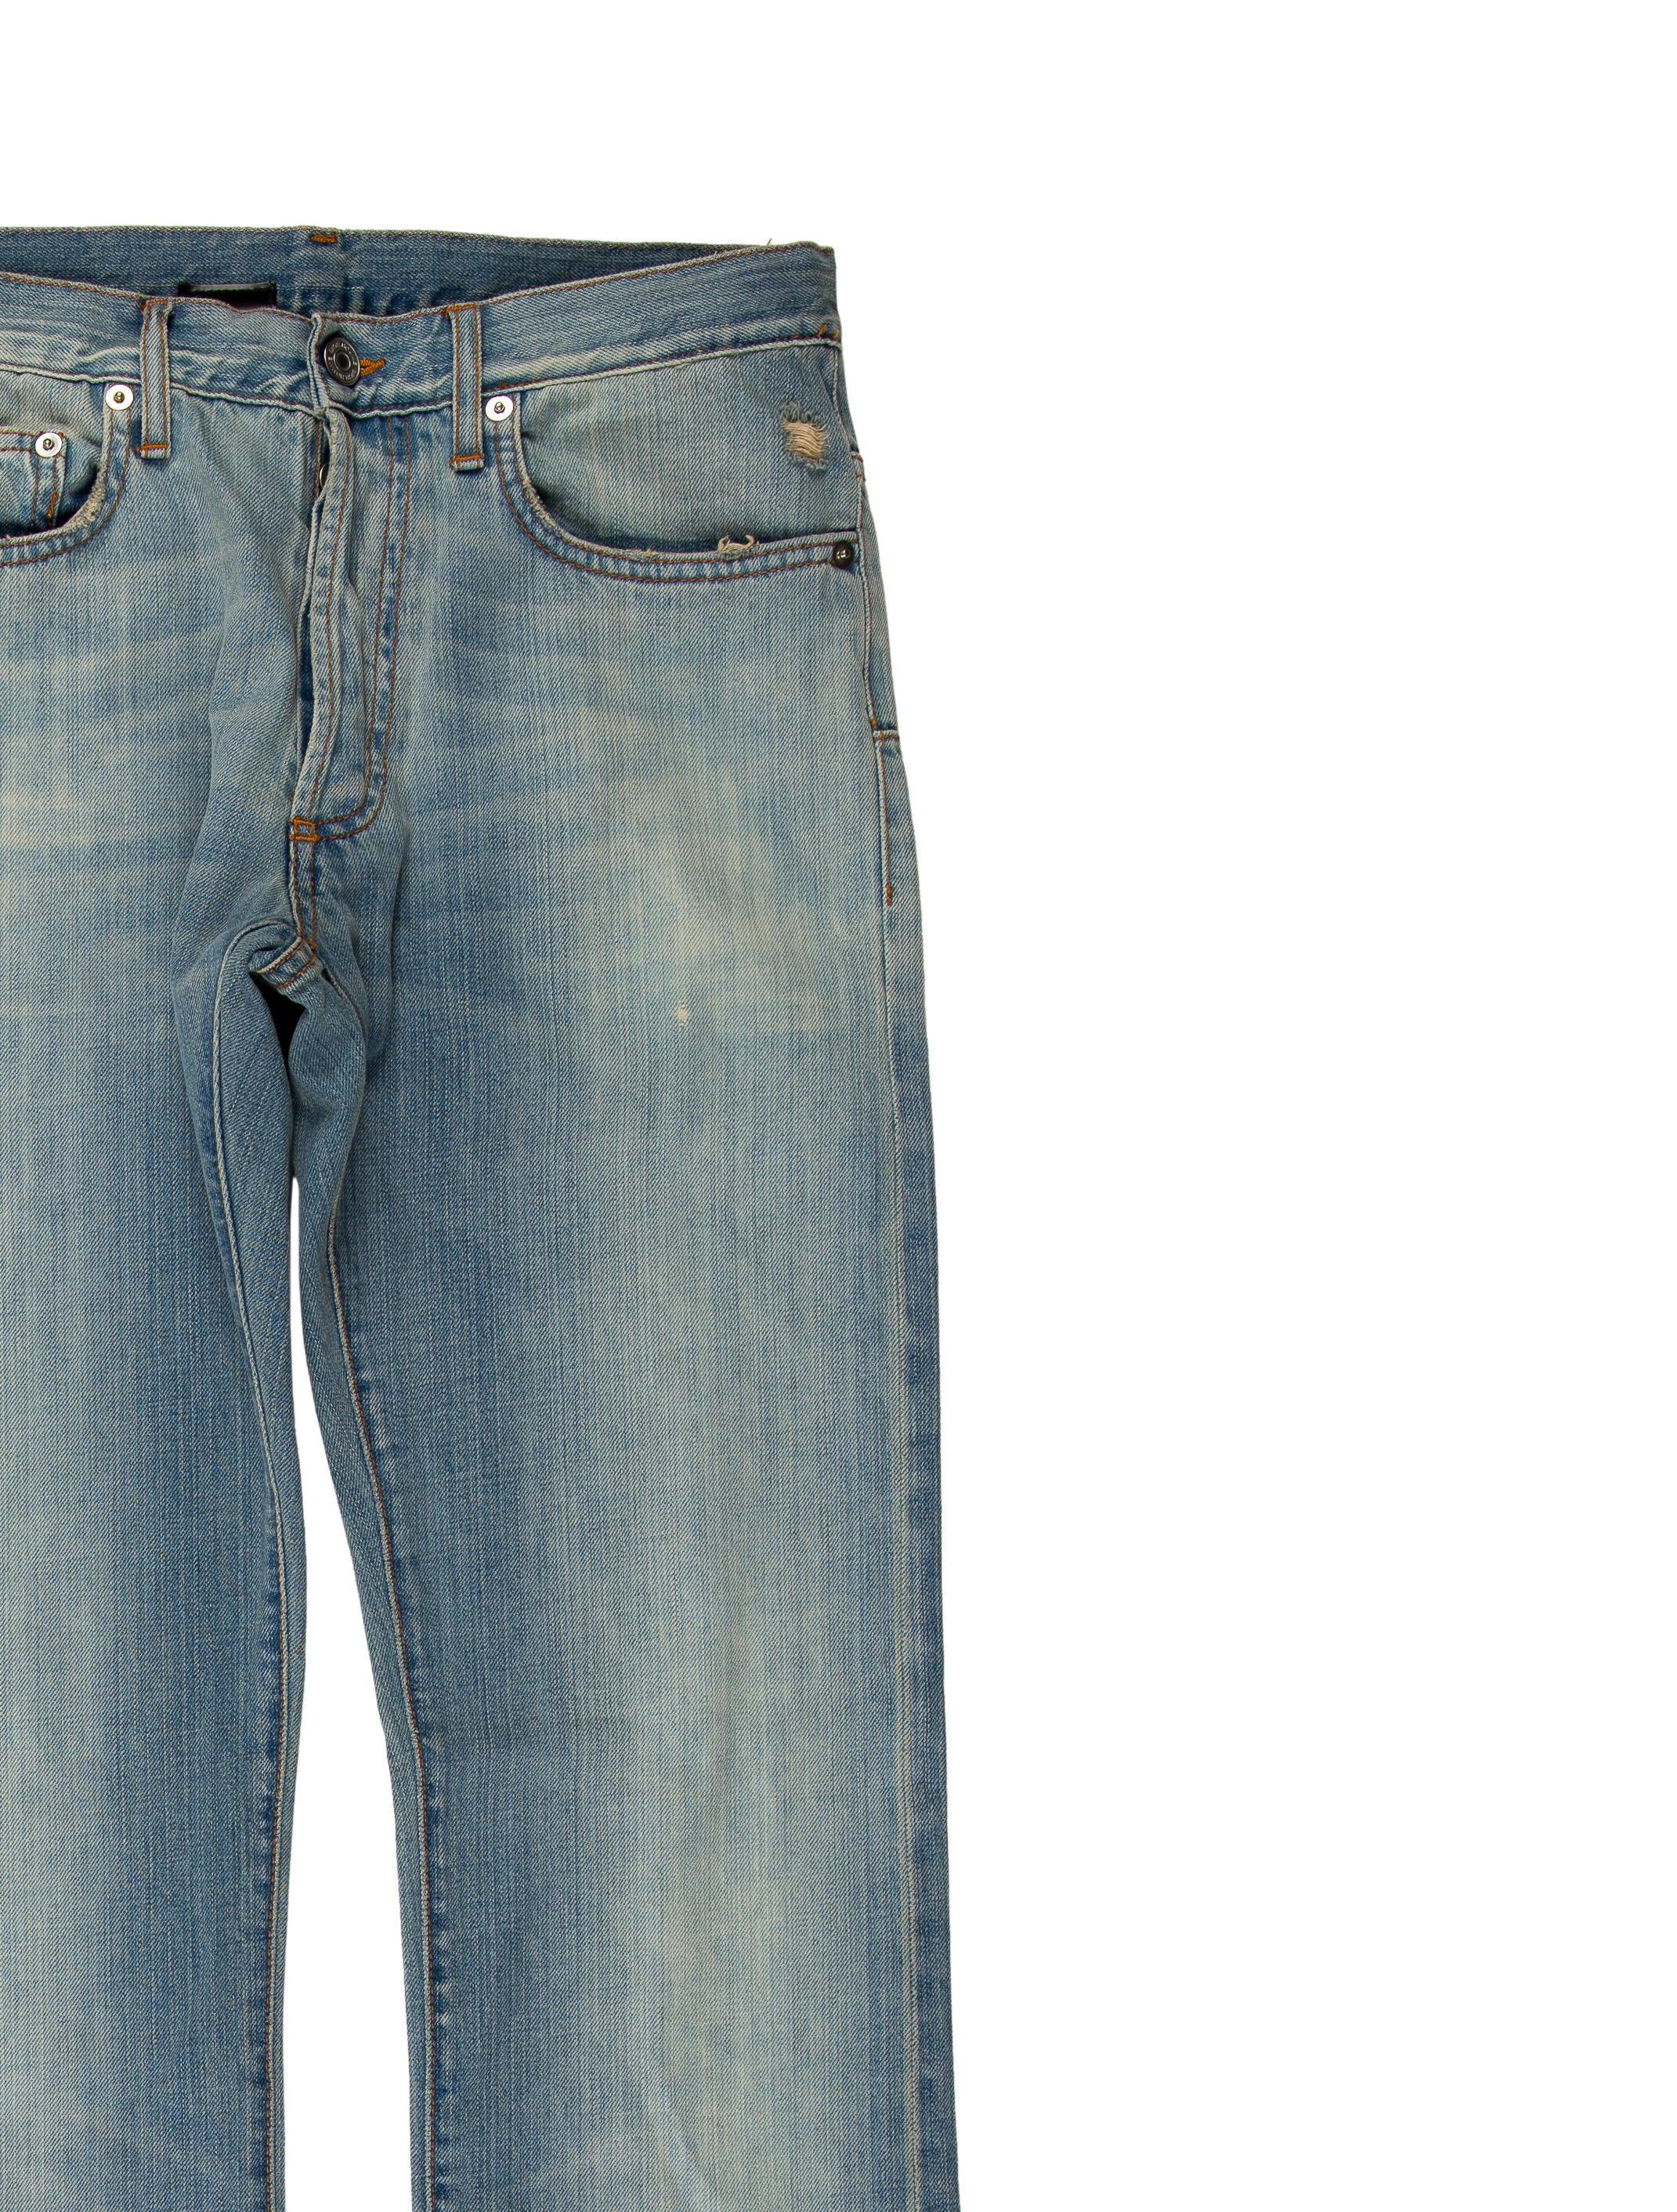 dior homme distressed slim fit jeans clothing hmm23413. Black Bedroom Furniture Sets. Home Design Ideas